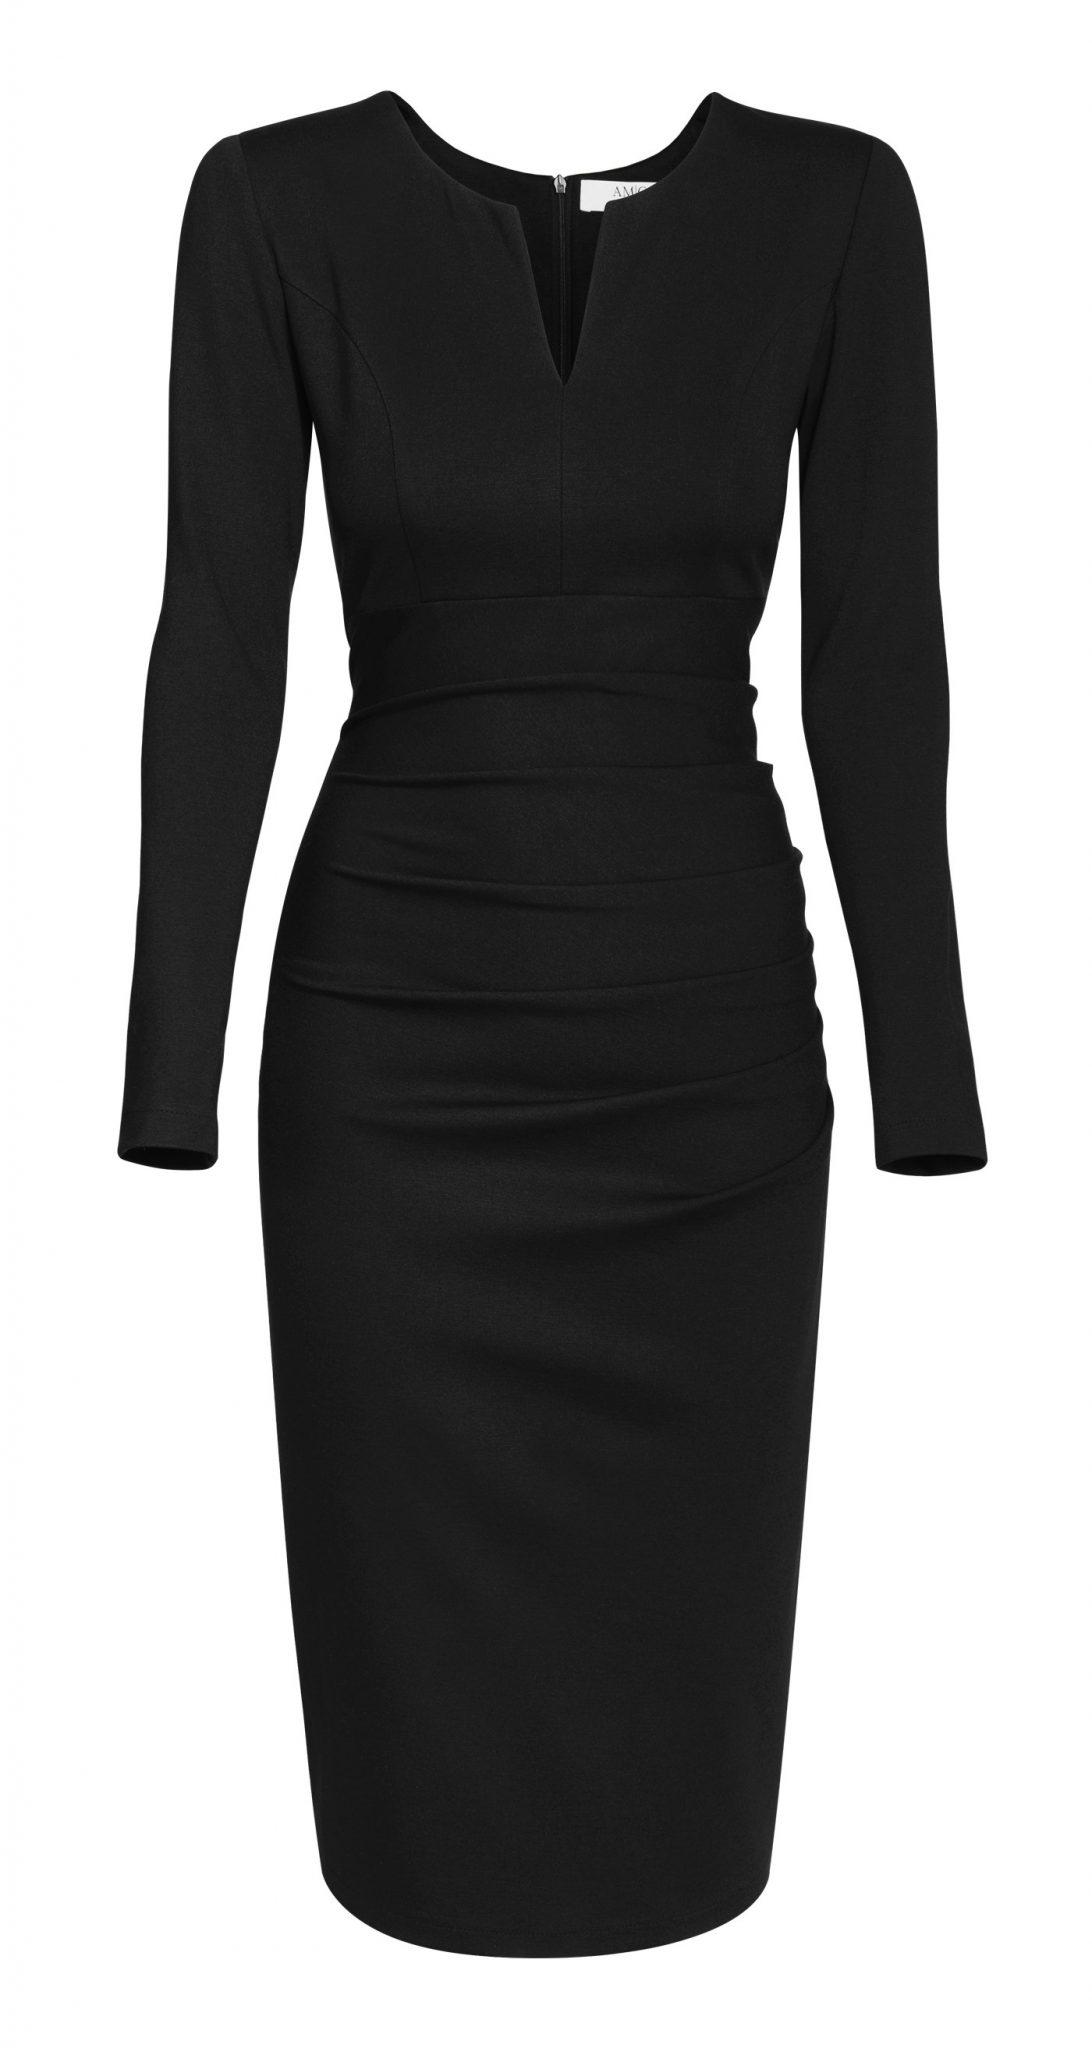 AMCO Fashion by Annett Möller | AMCO Savanna Dress | Classic Black | Schwarz | elegantes Strechkleid | mit verdecktem Reissverschluss | Langarm